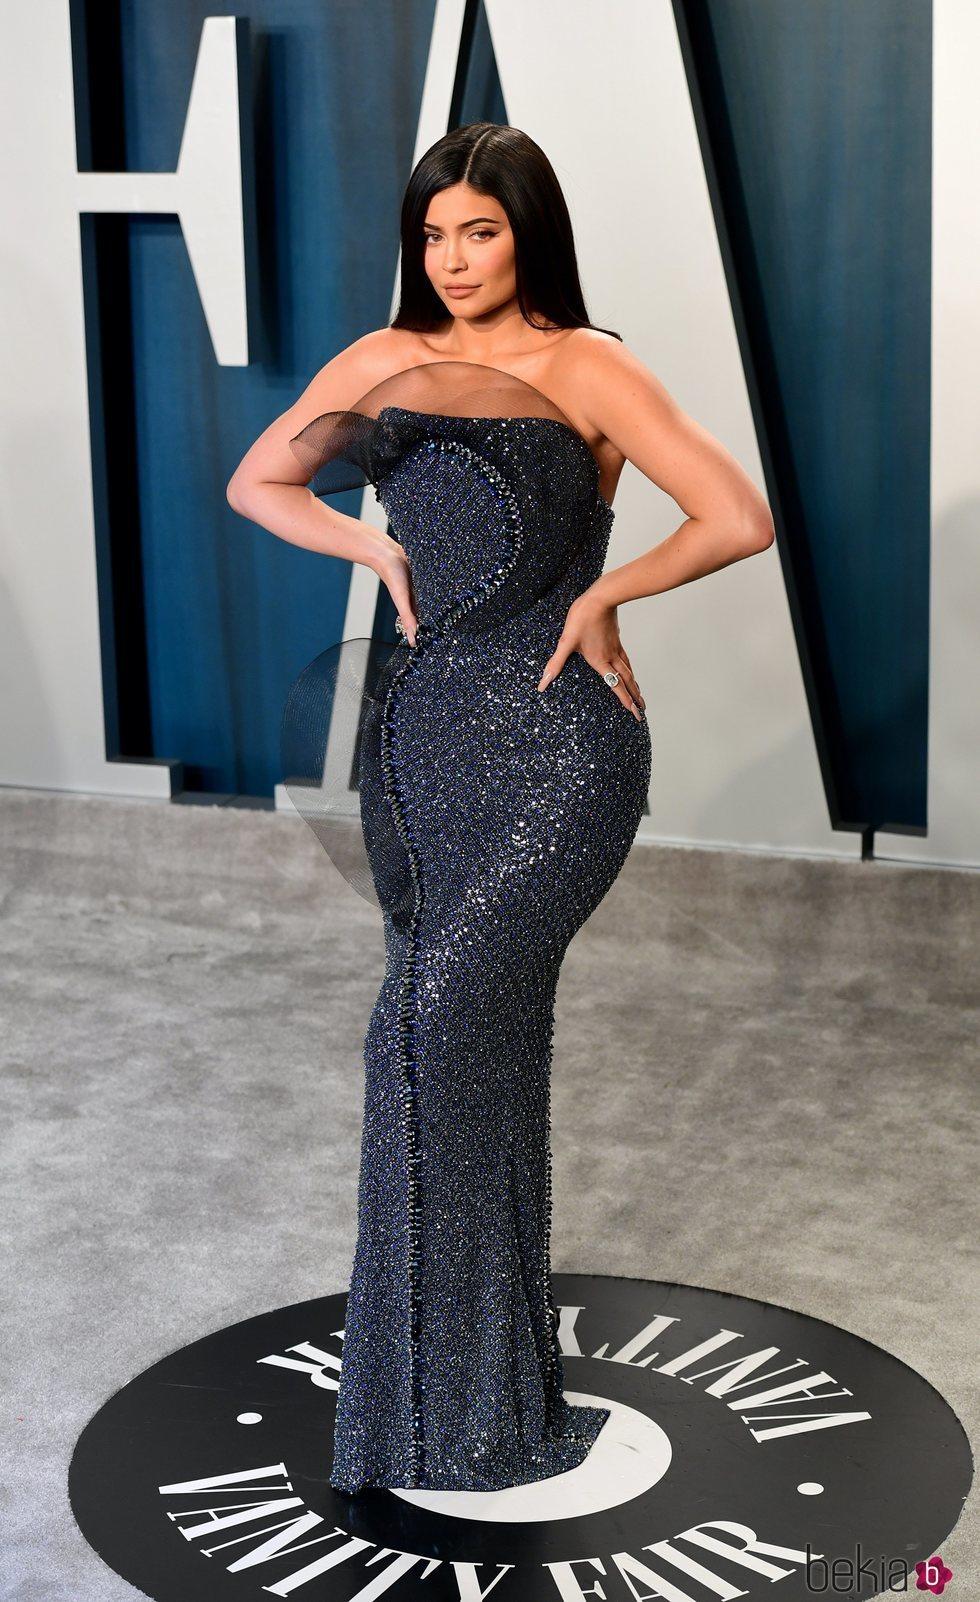 Kylie Jenner en la fiesta de Vanity Fair tras los Oscar 2020